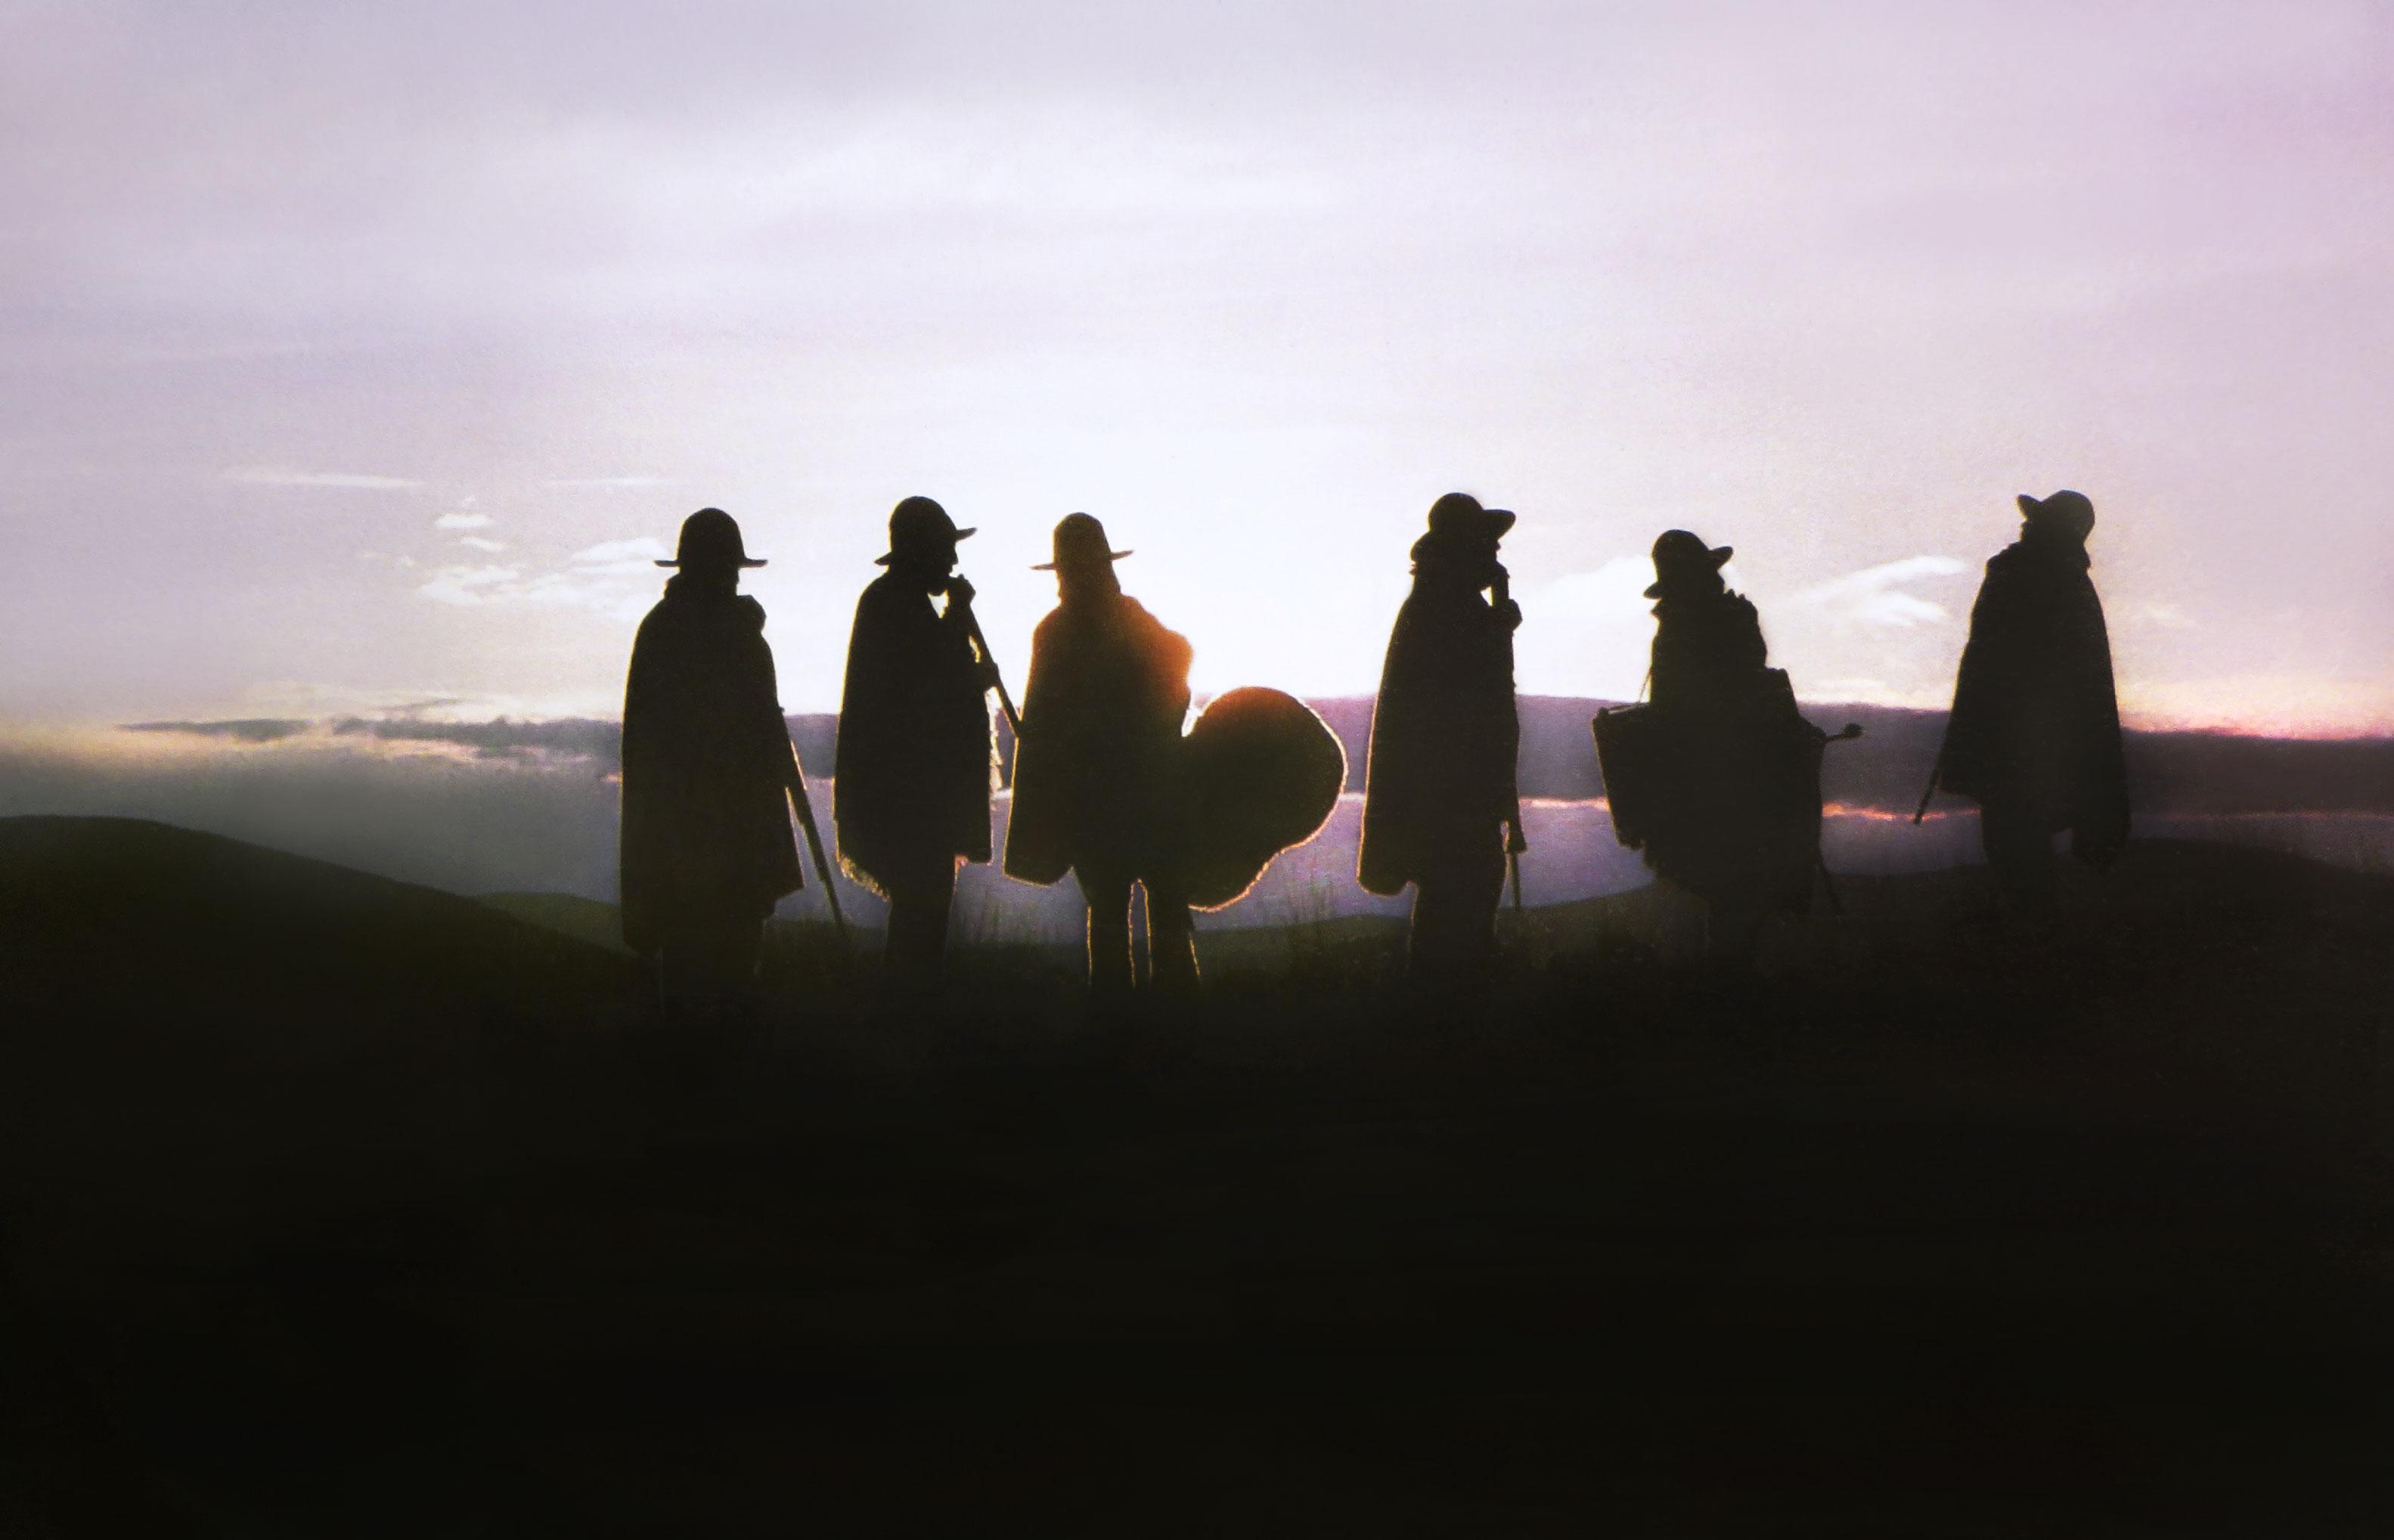 Ruphay im Altiplano in der Nacht - Pressefoto